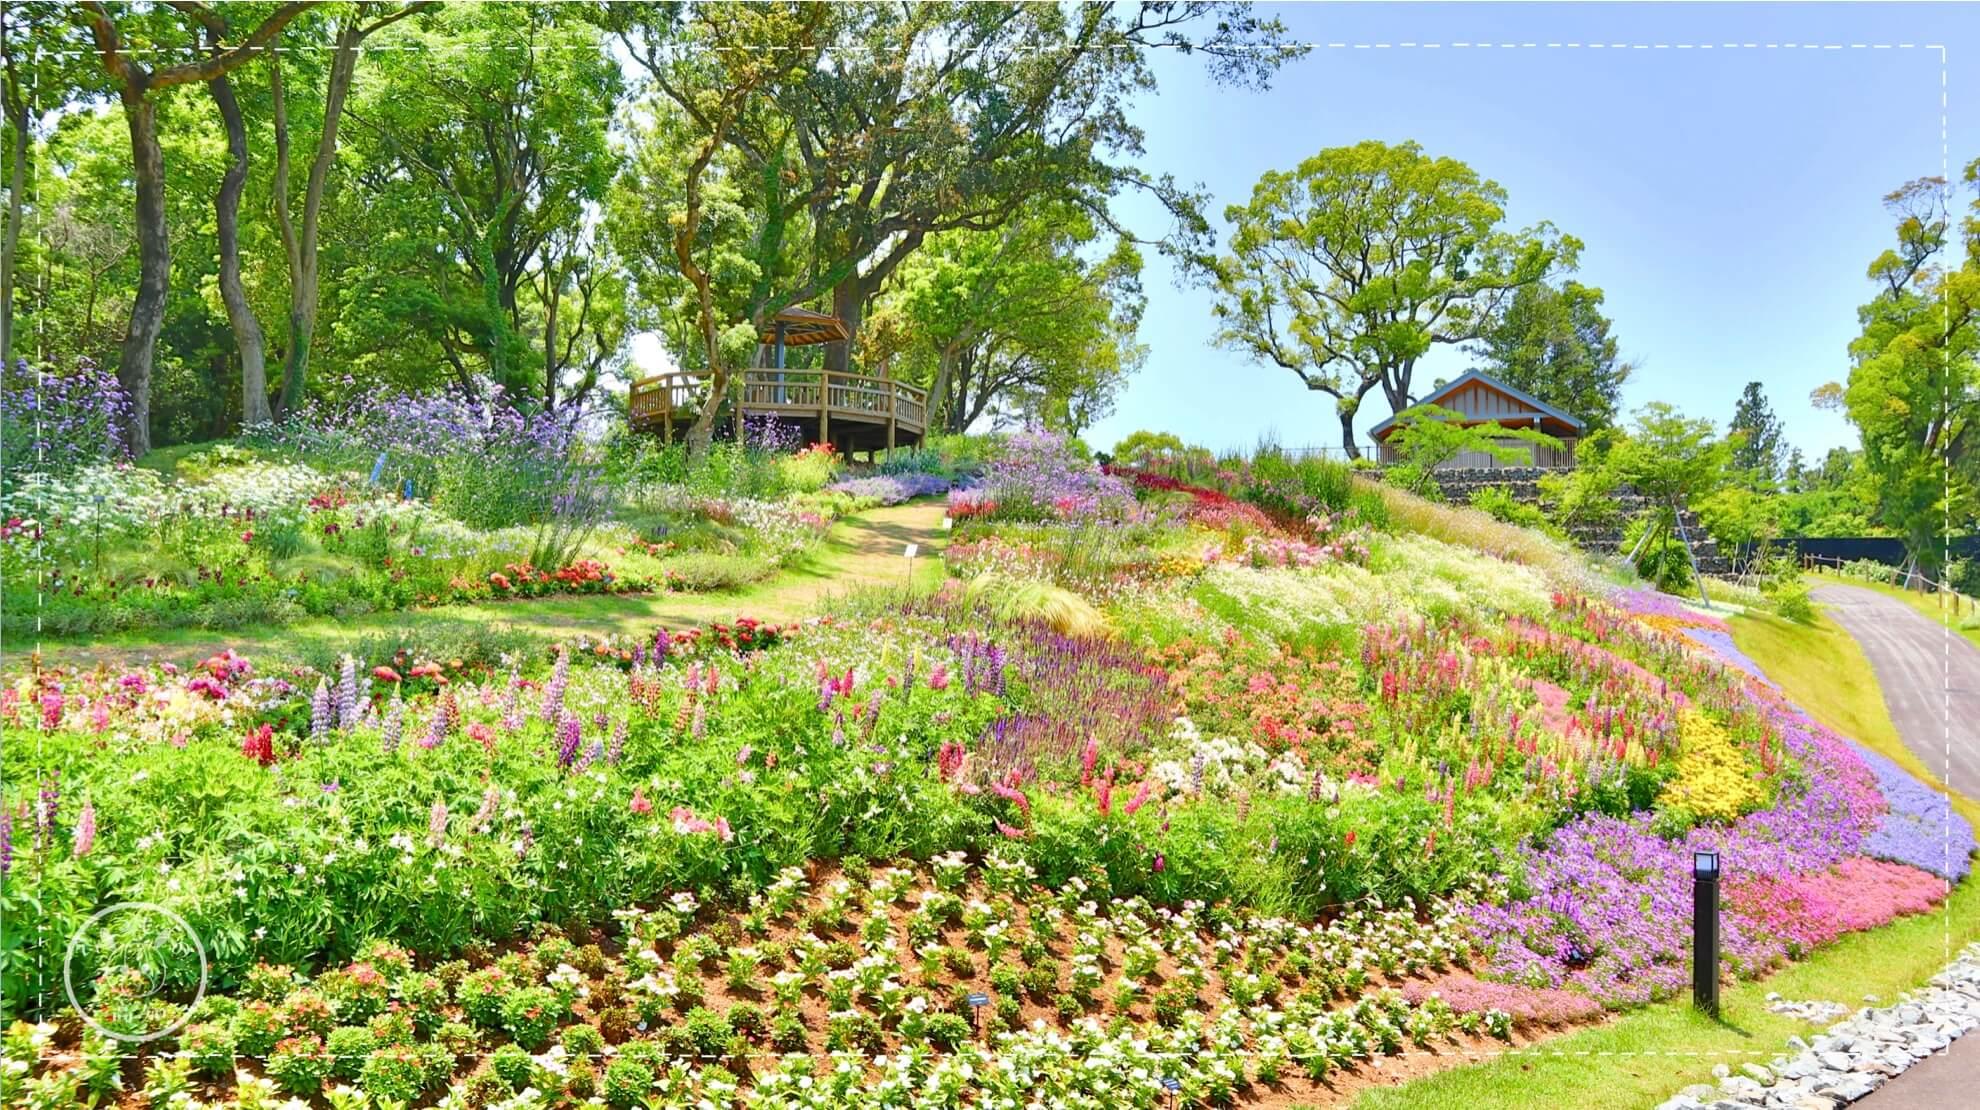 植物園 牧野